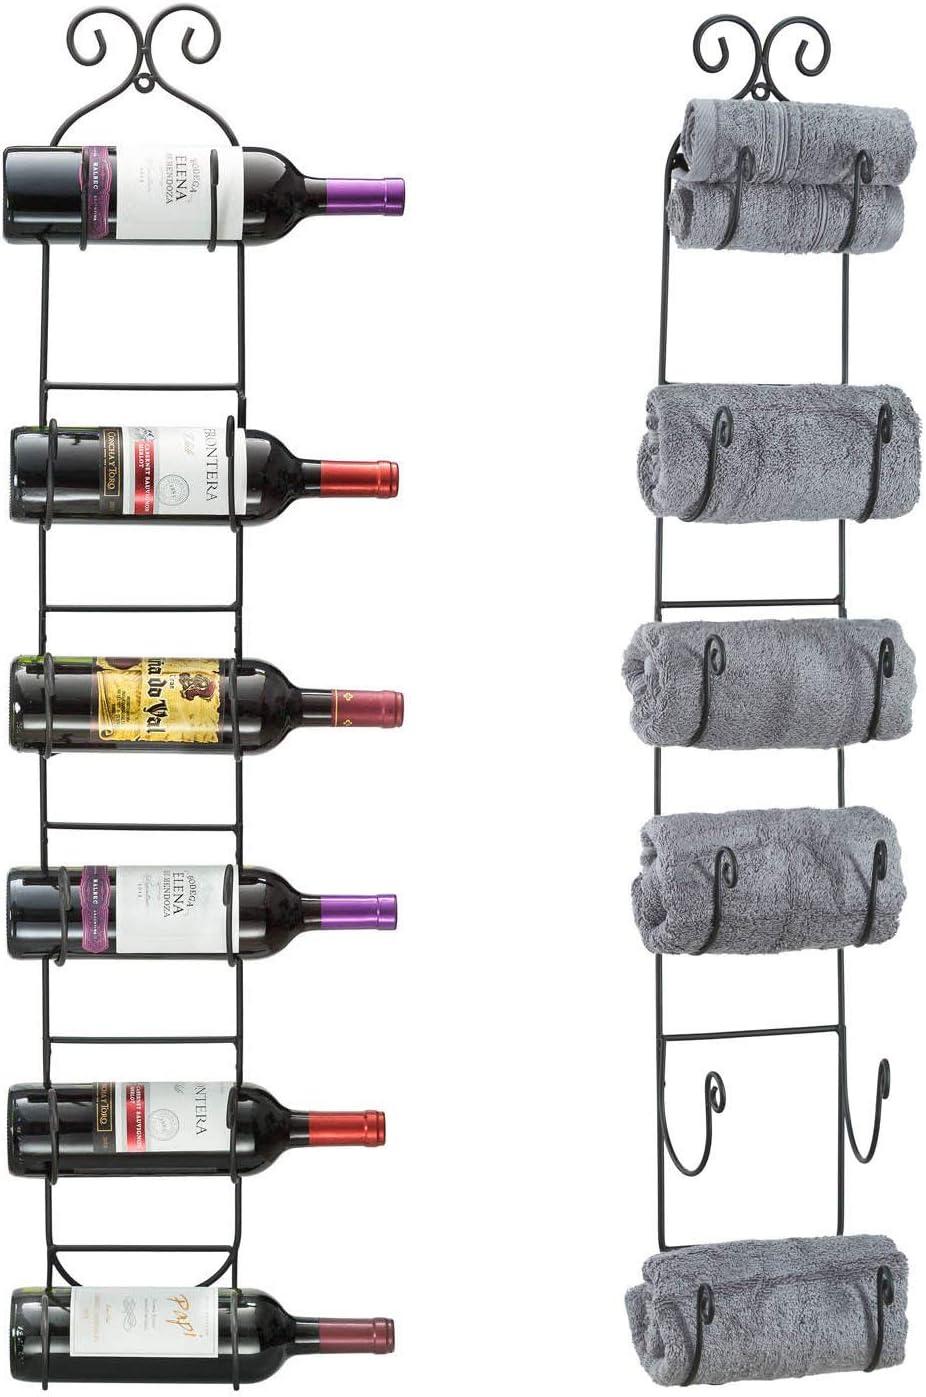 Wall Mounted 5 Bottles Home Bar Metal Wine Towel Rack Display Storage Holders